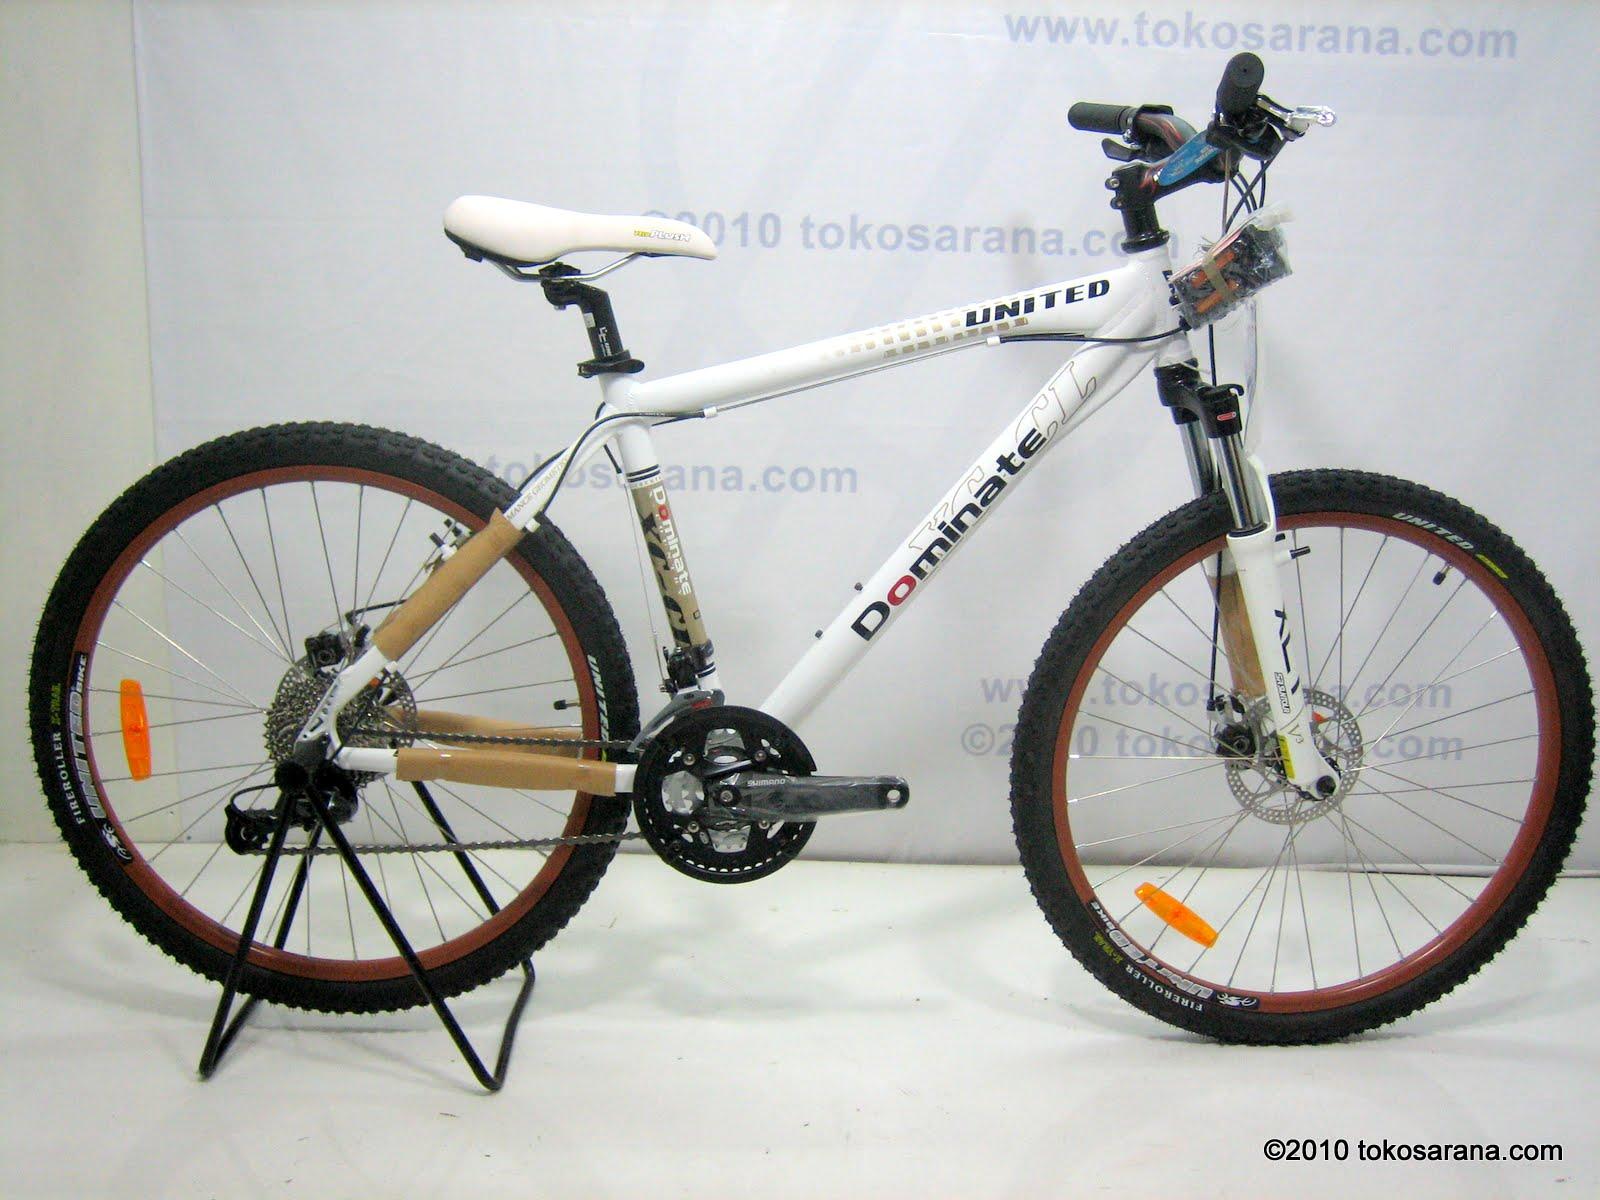 harga sepeda polygon edisi 2013 - Informasi Jual Beli